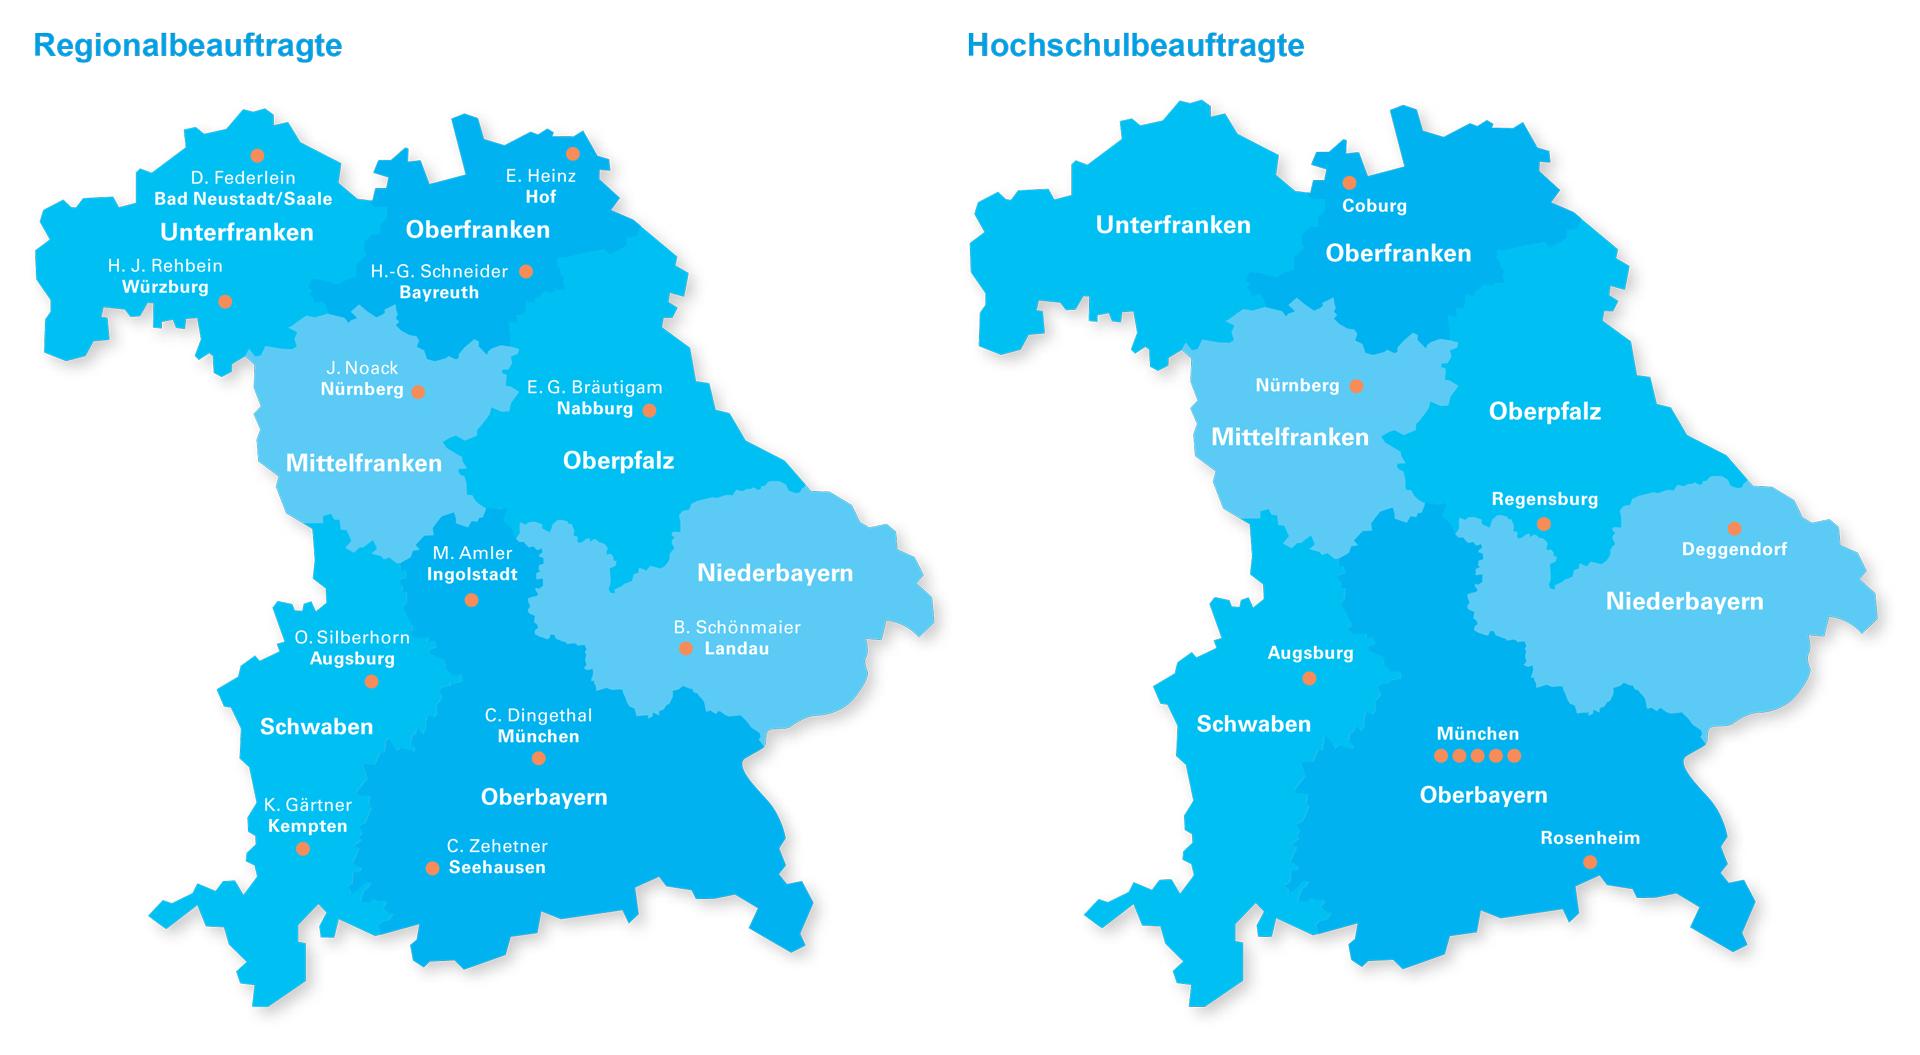 Karte Oberfranken Unterfranken Mittelfranken.Regional Und Hochschulbeauftragte